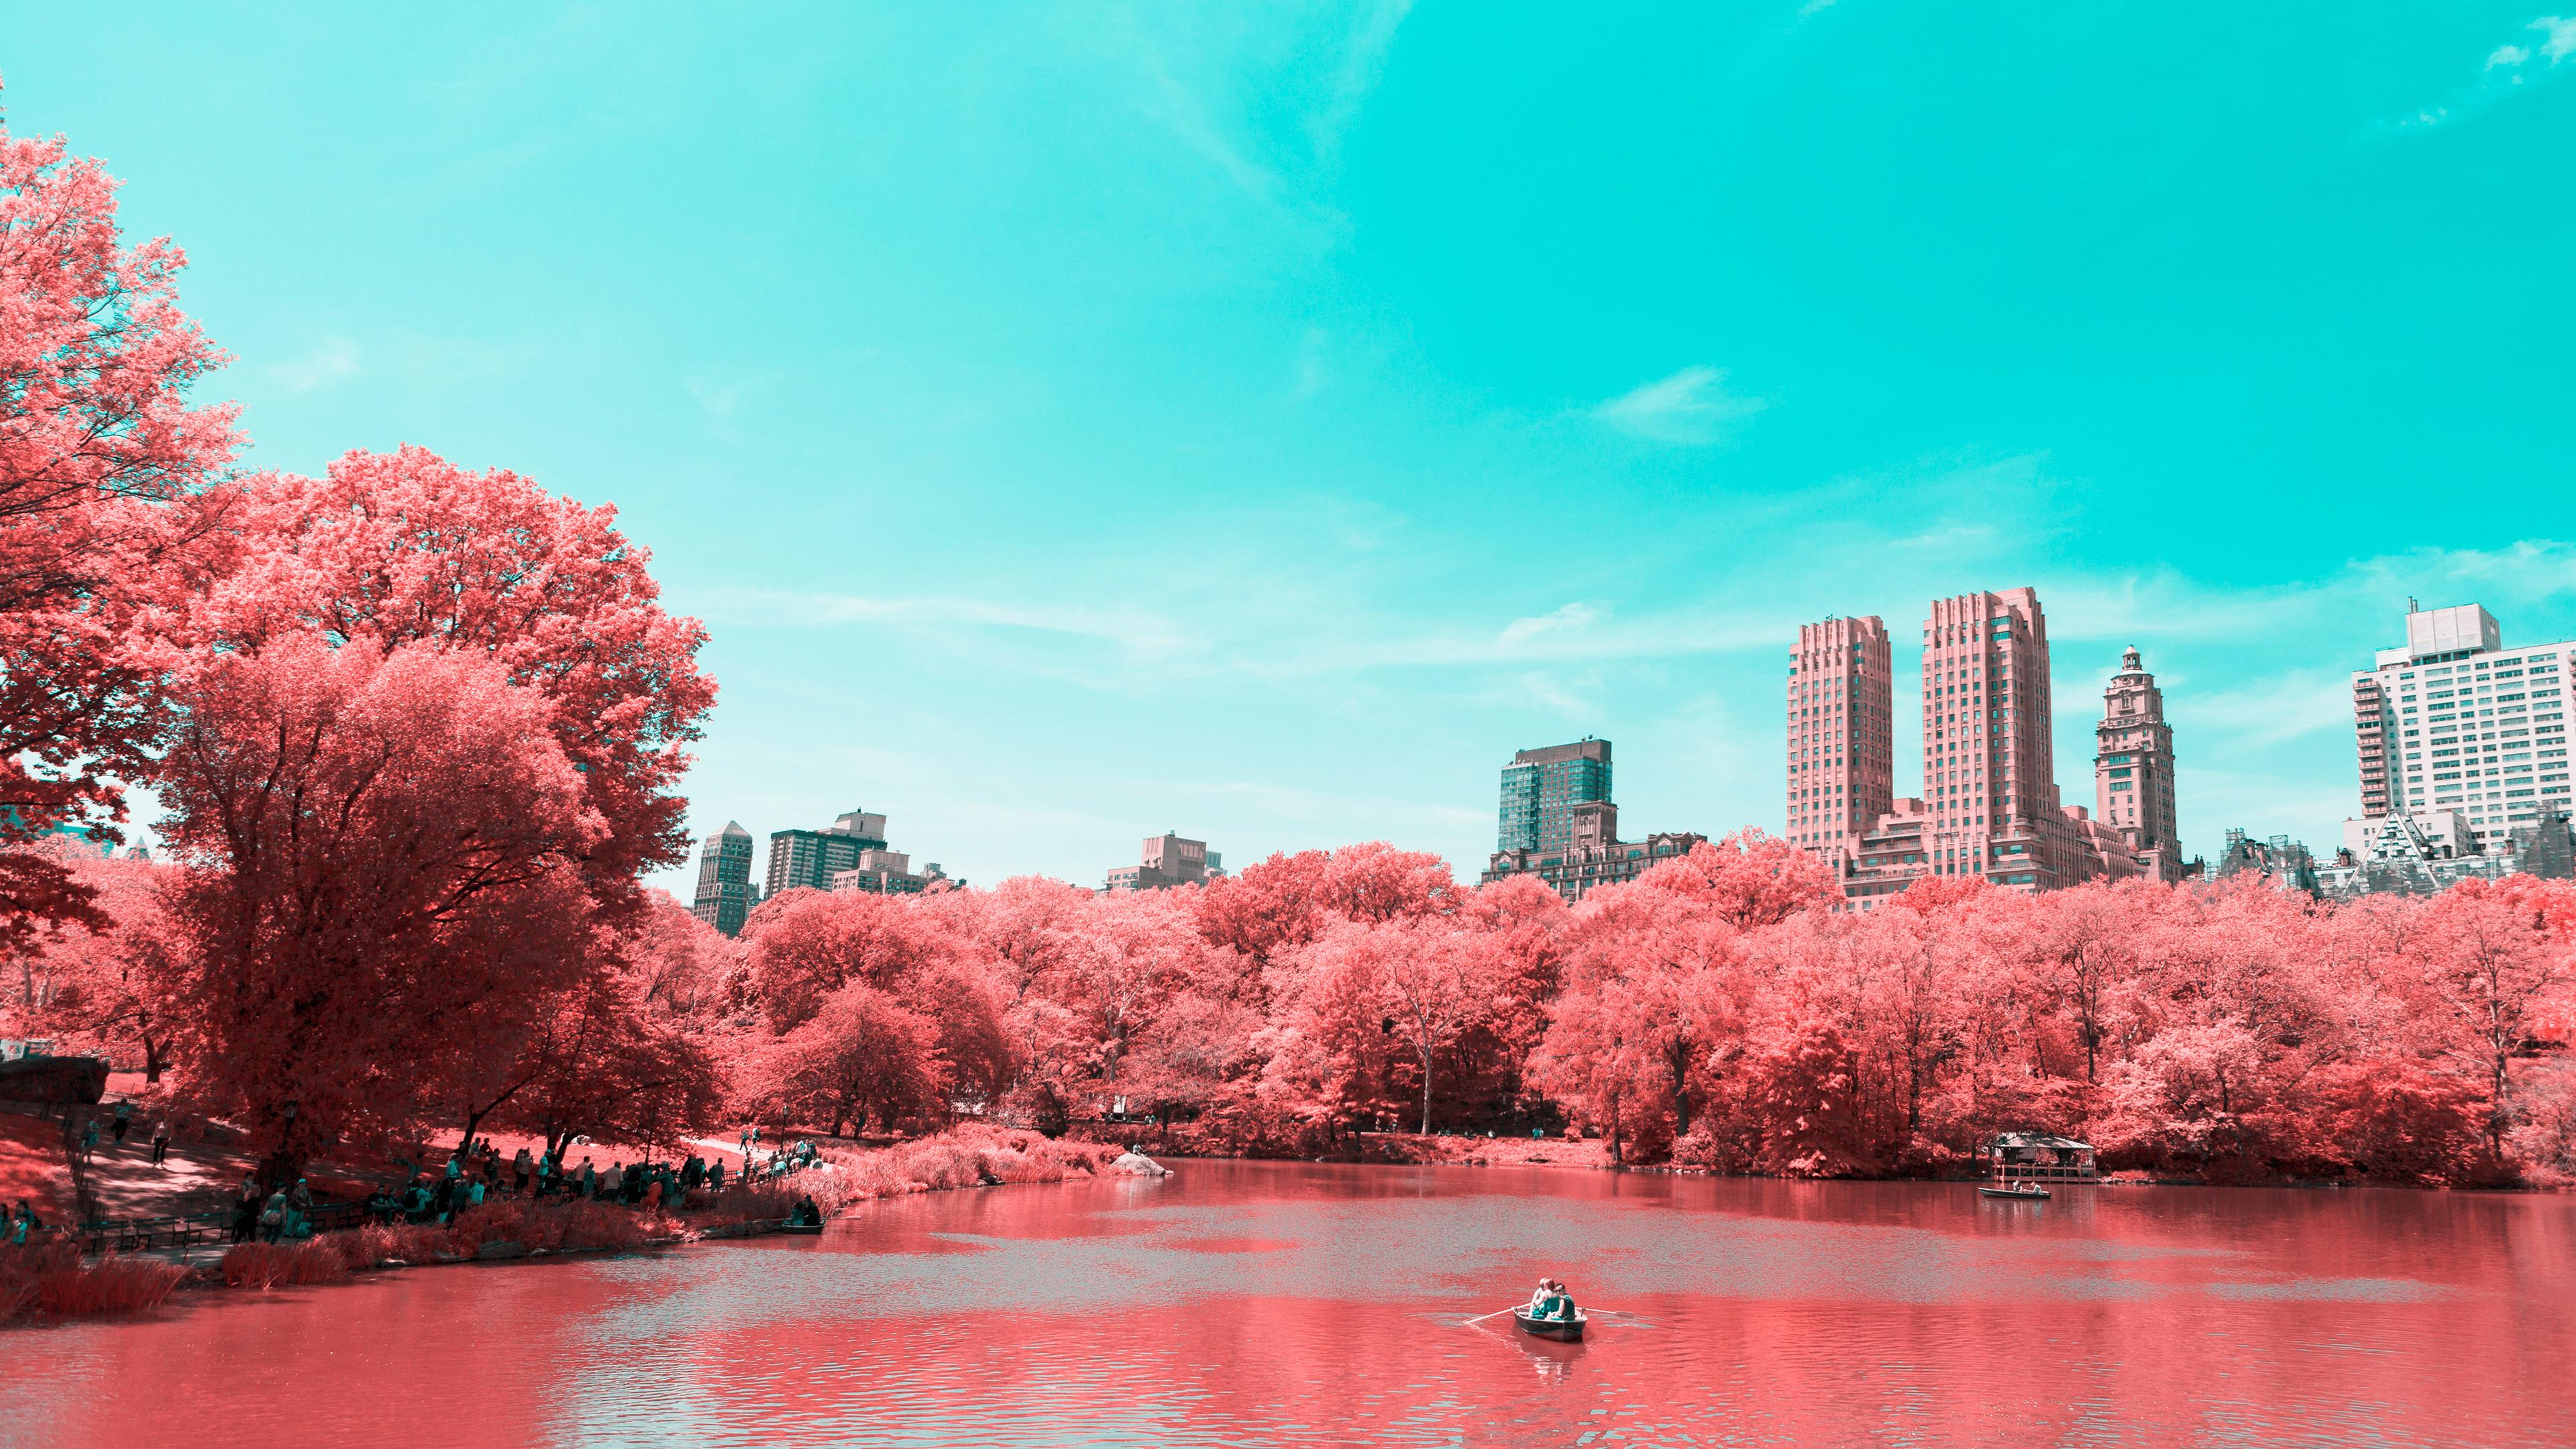 Цветущие розовые пышные деревья у берега водоема  в отблесках лучей  солнца и бирюзового неба